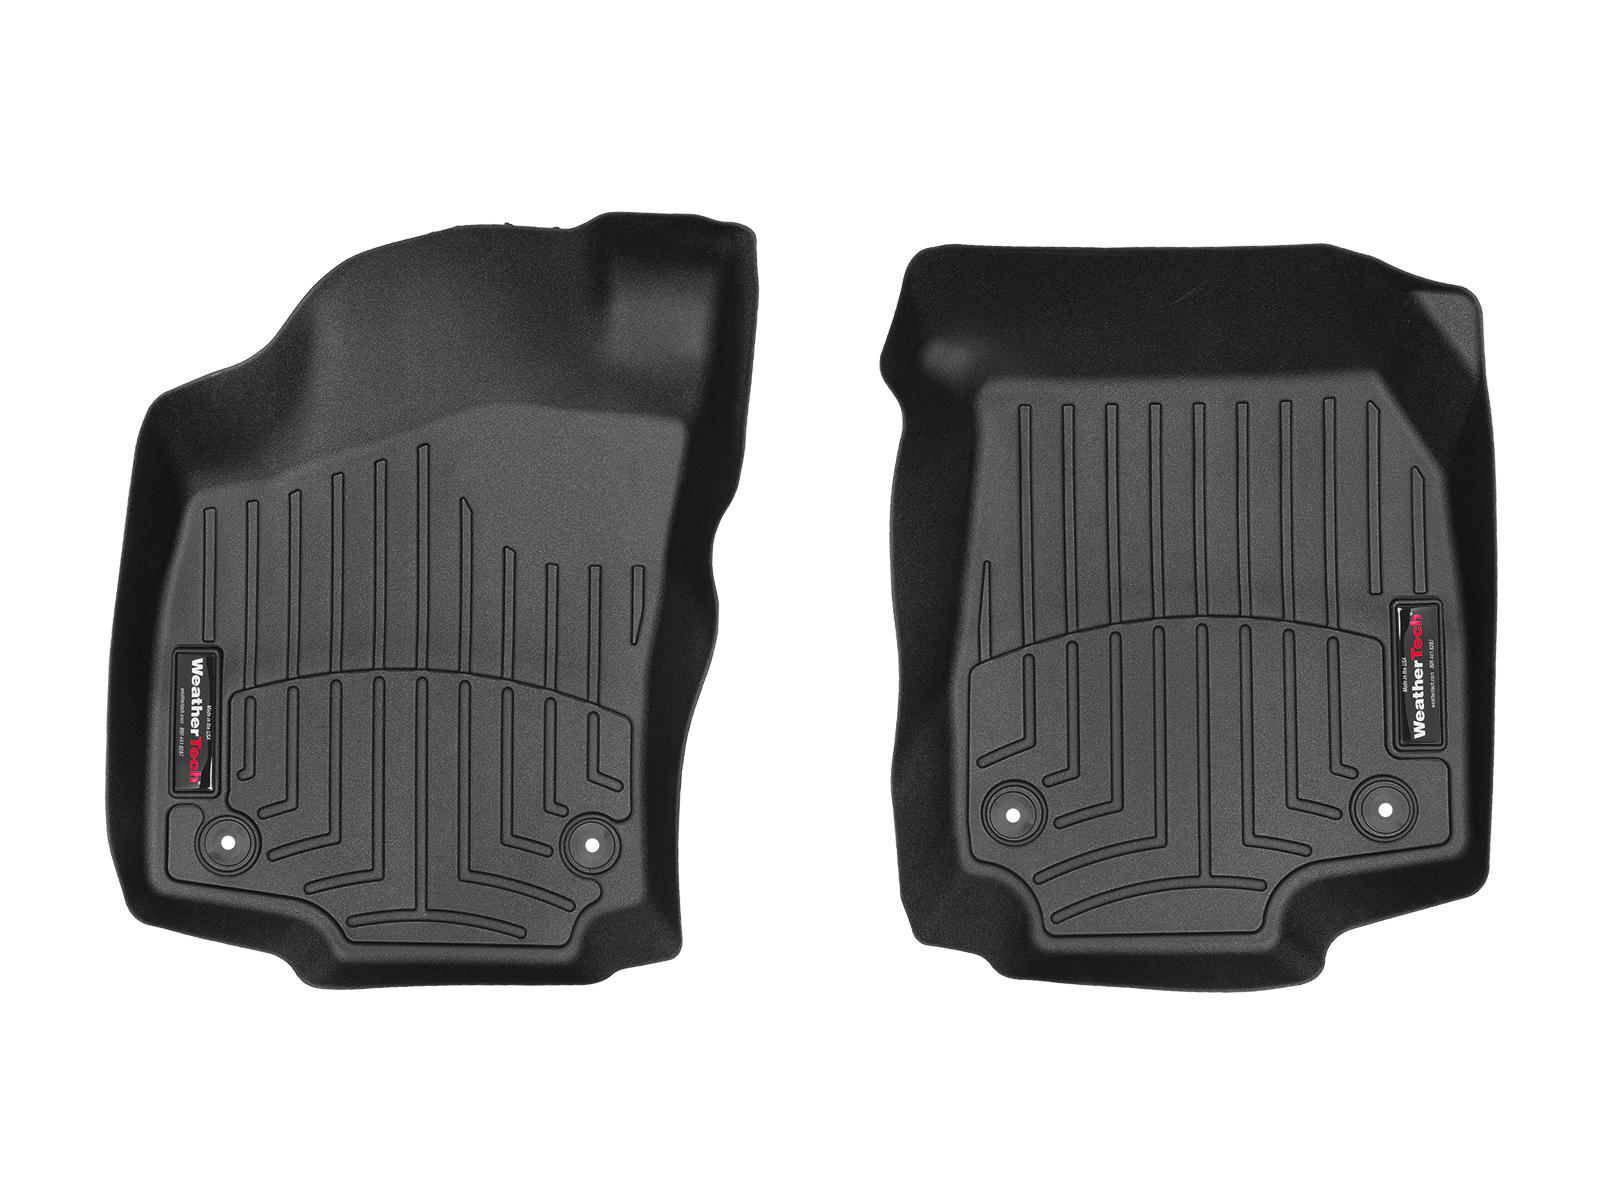 Tappeti gomma su misura bordo alto Opel Astra 04>08 Nero A2956